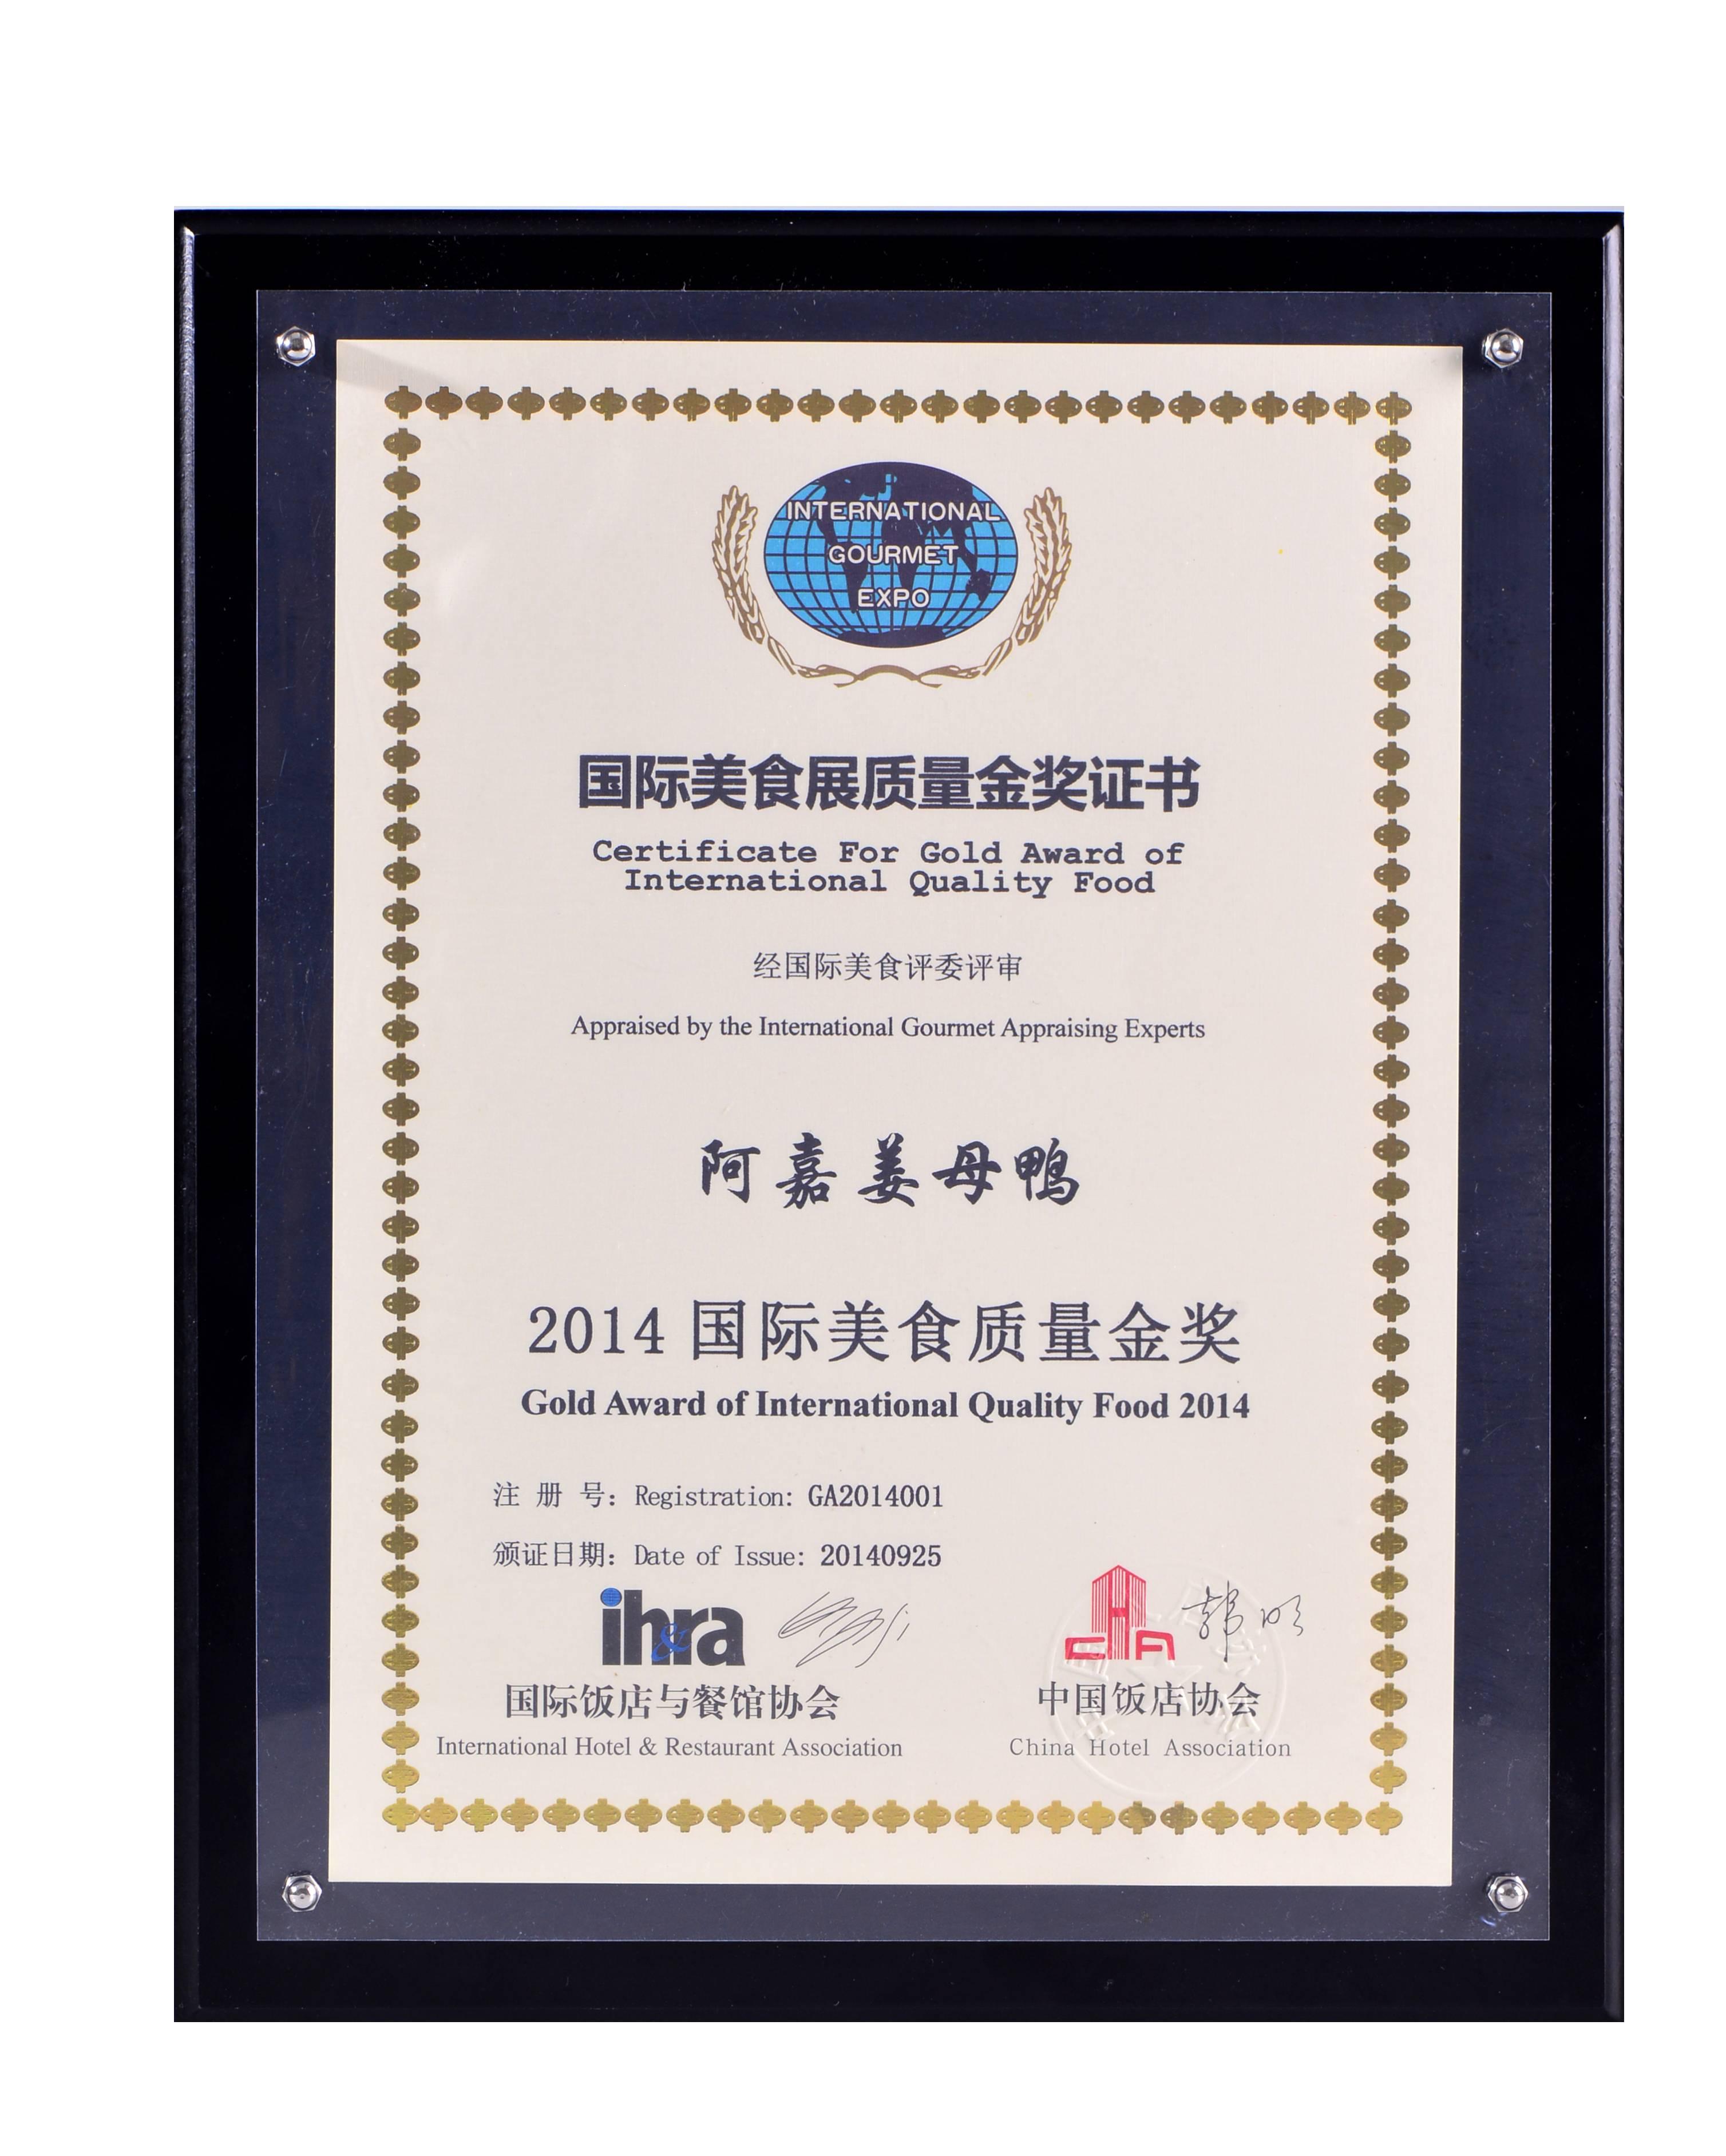 邻嘉鸭品荣获国际美食展质量金奖证书